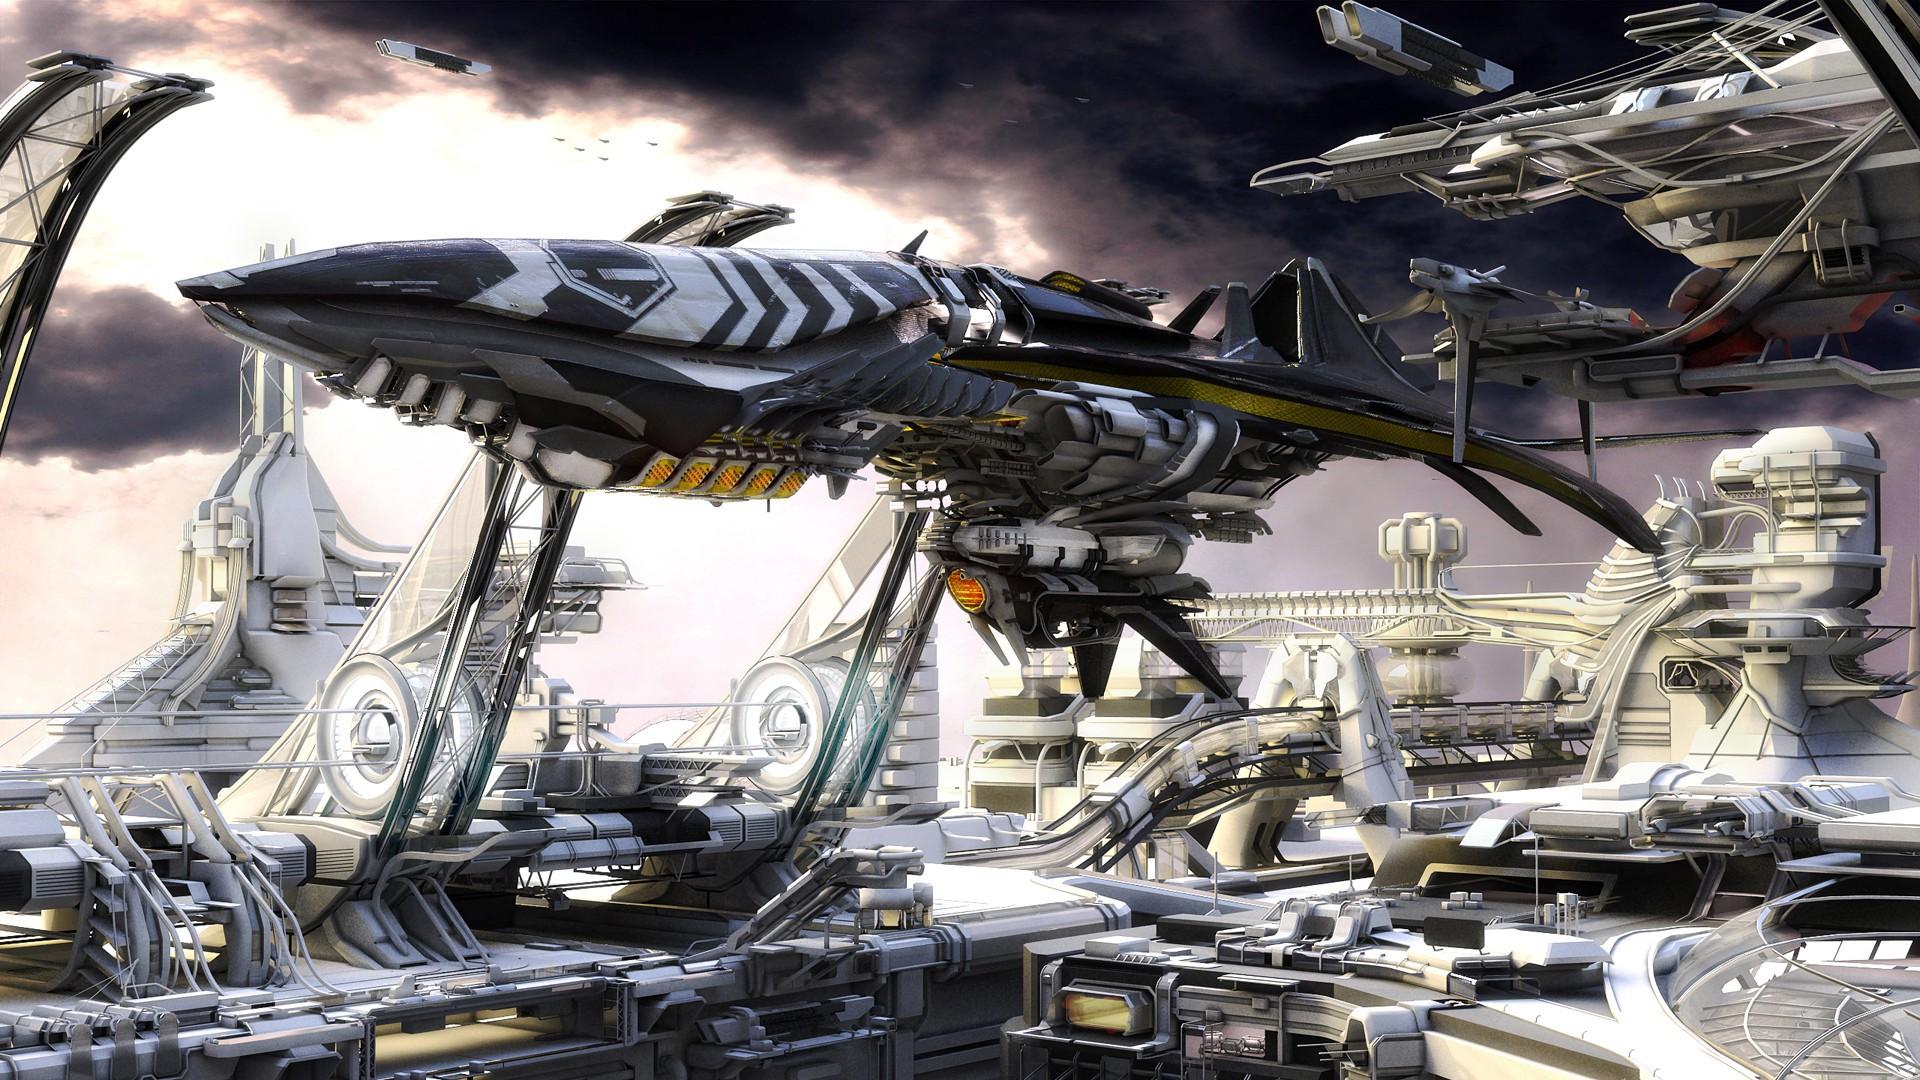 картинки космического корабля будущего правило